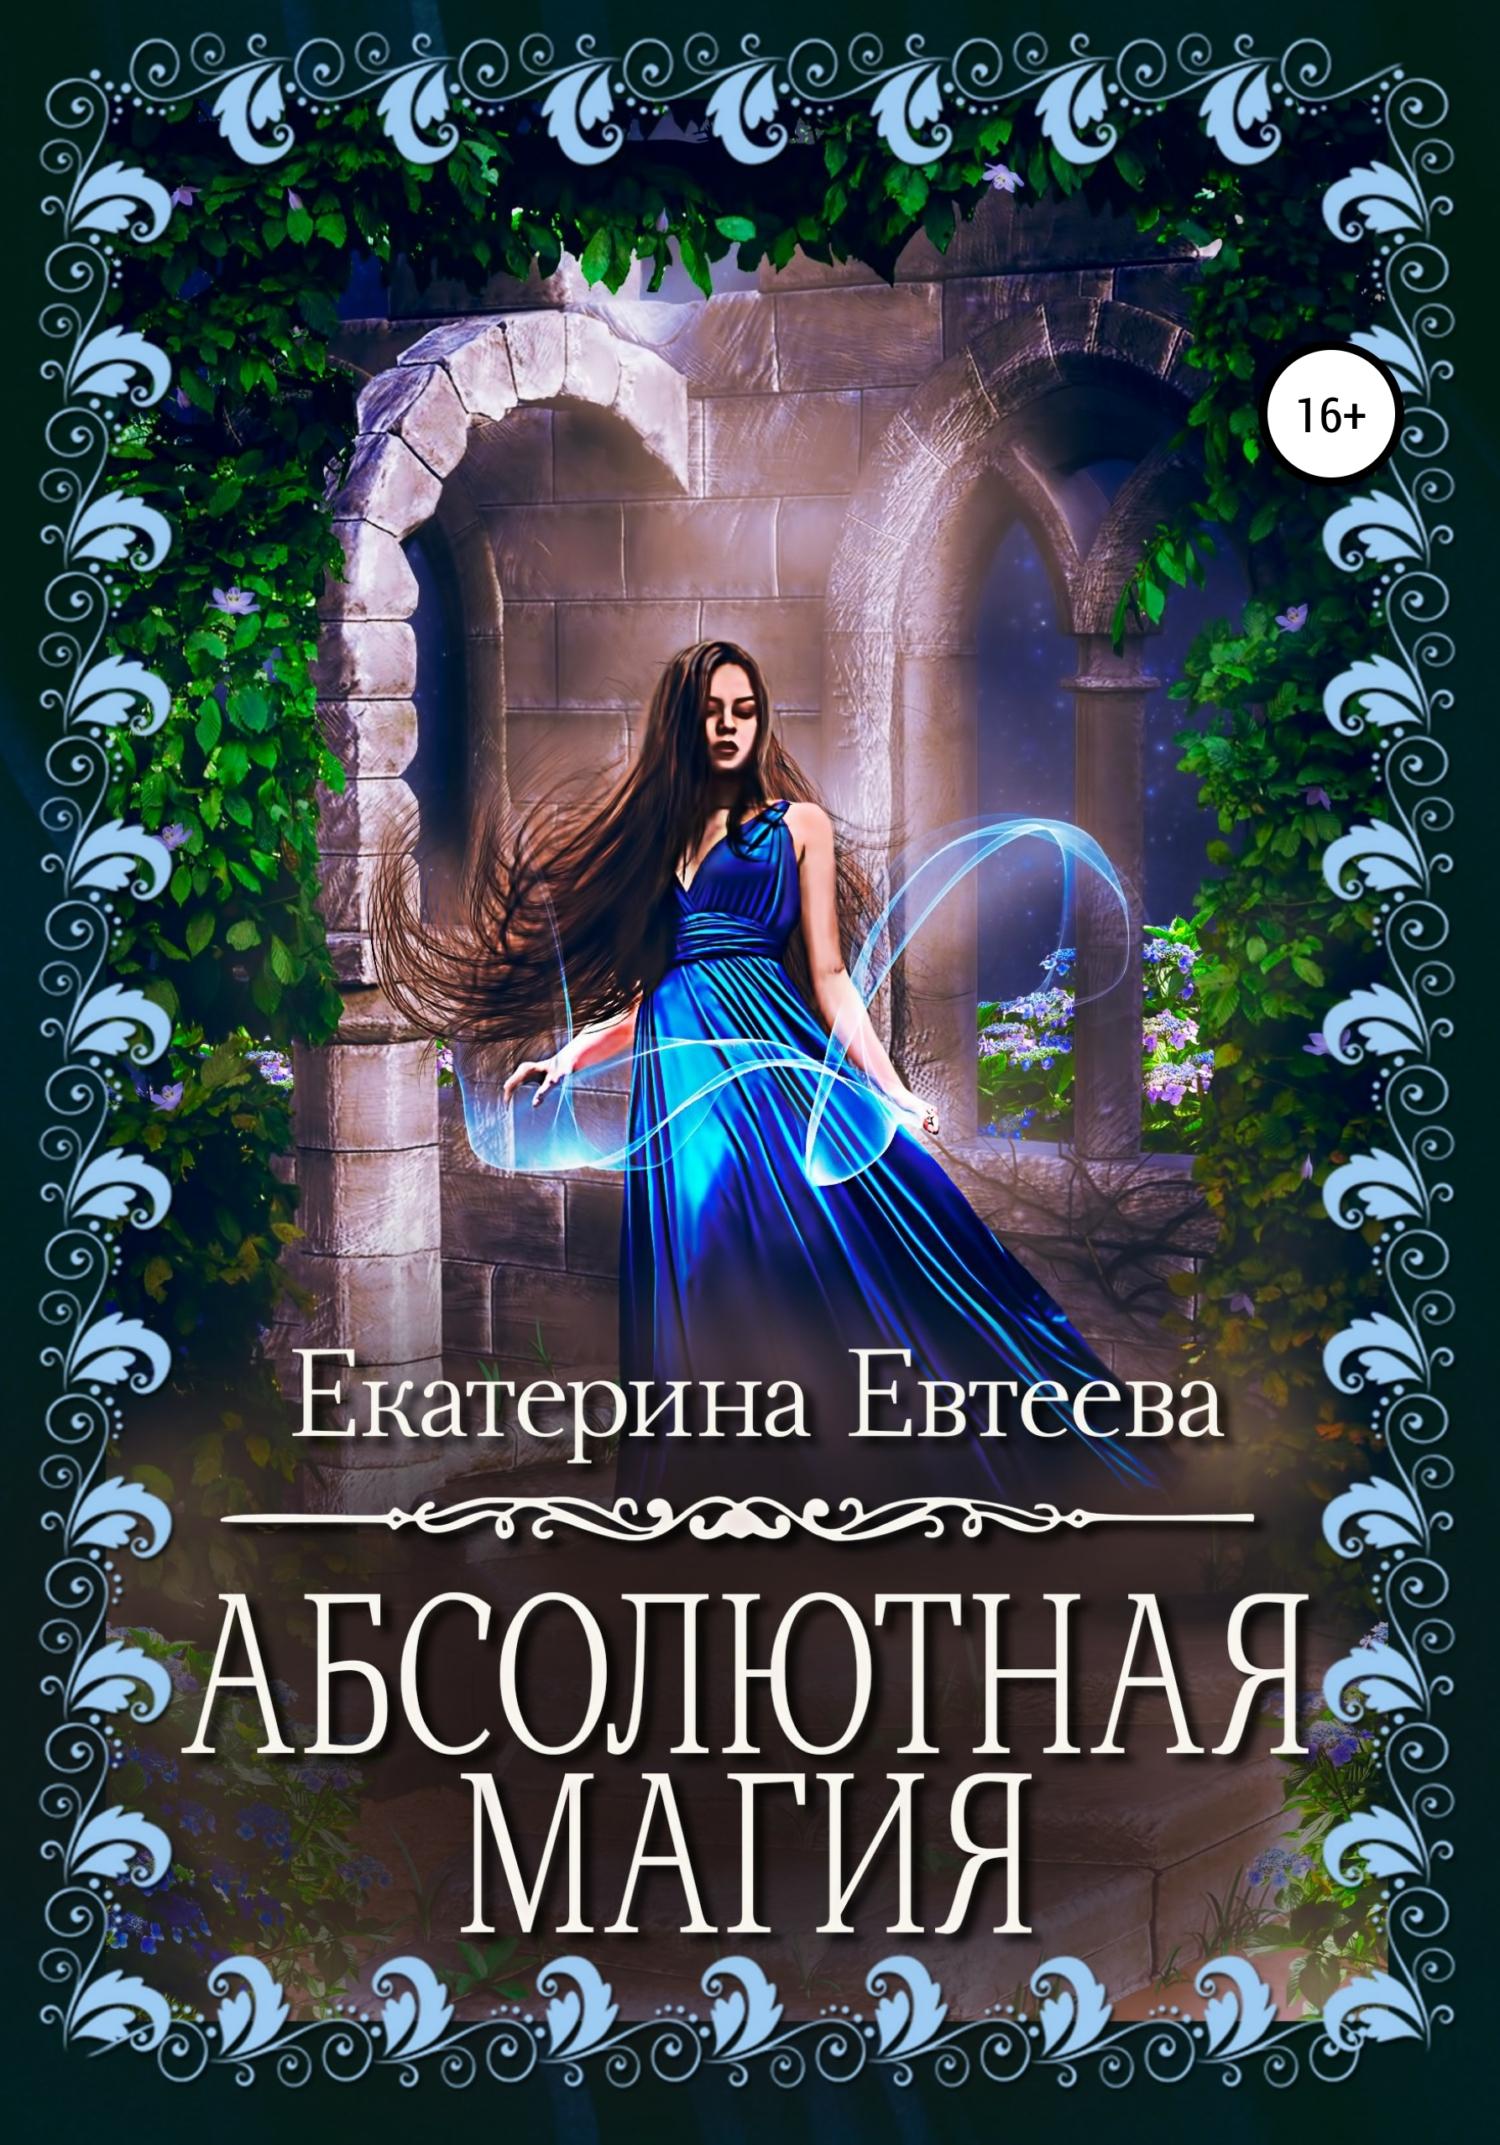 Екатерина Евтеева Абсолютная магия елизарова екатерина борисовна закрытая школа магии